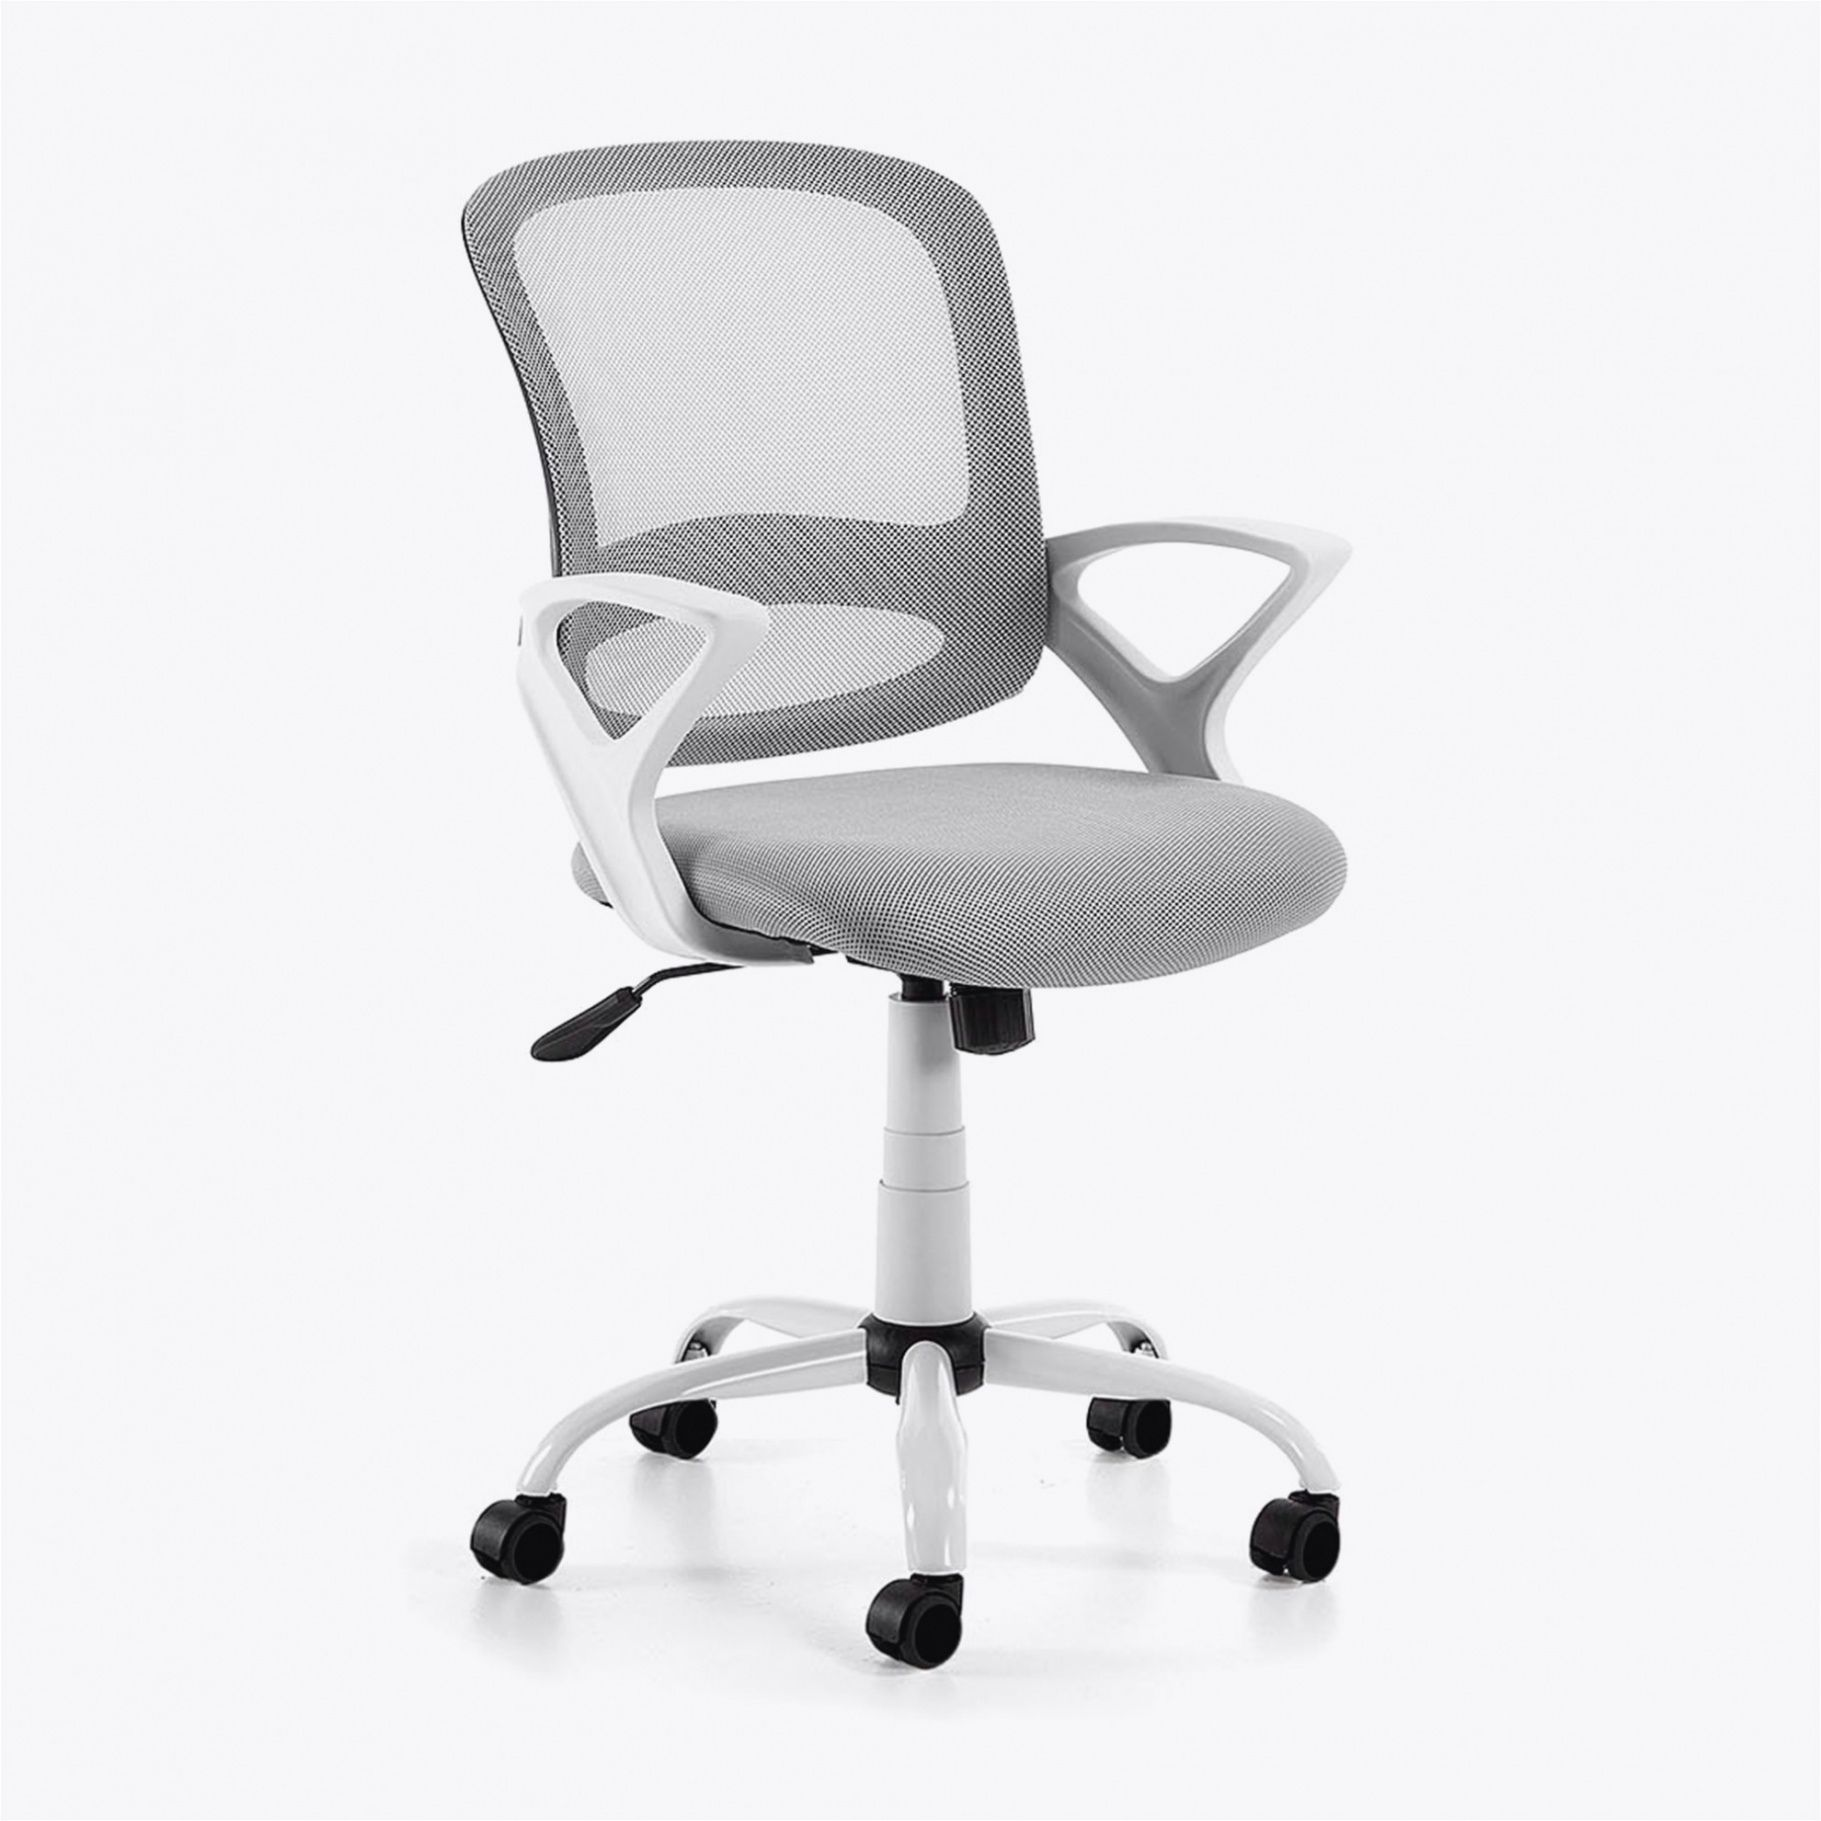 55 Sillas De Escritorio De Oficina Usados | office room ...